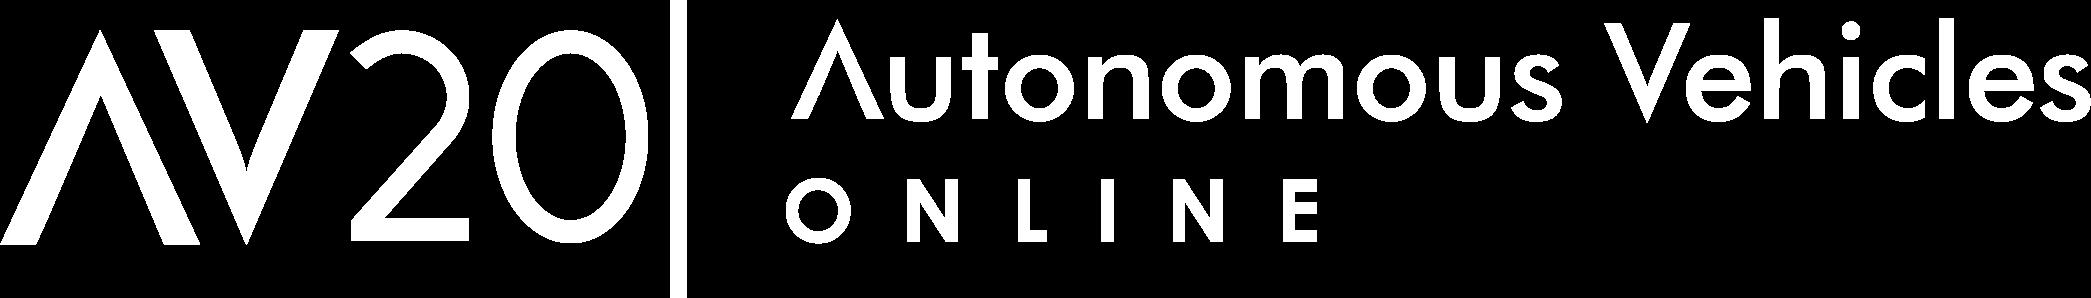 Autonomous Vehicles Digital